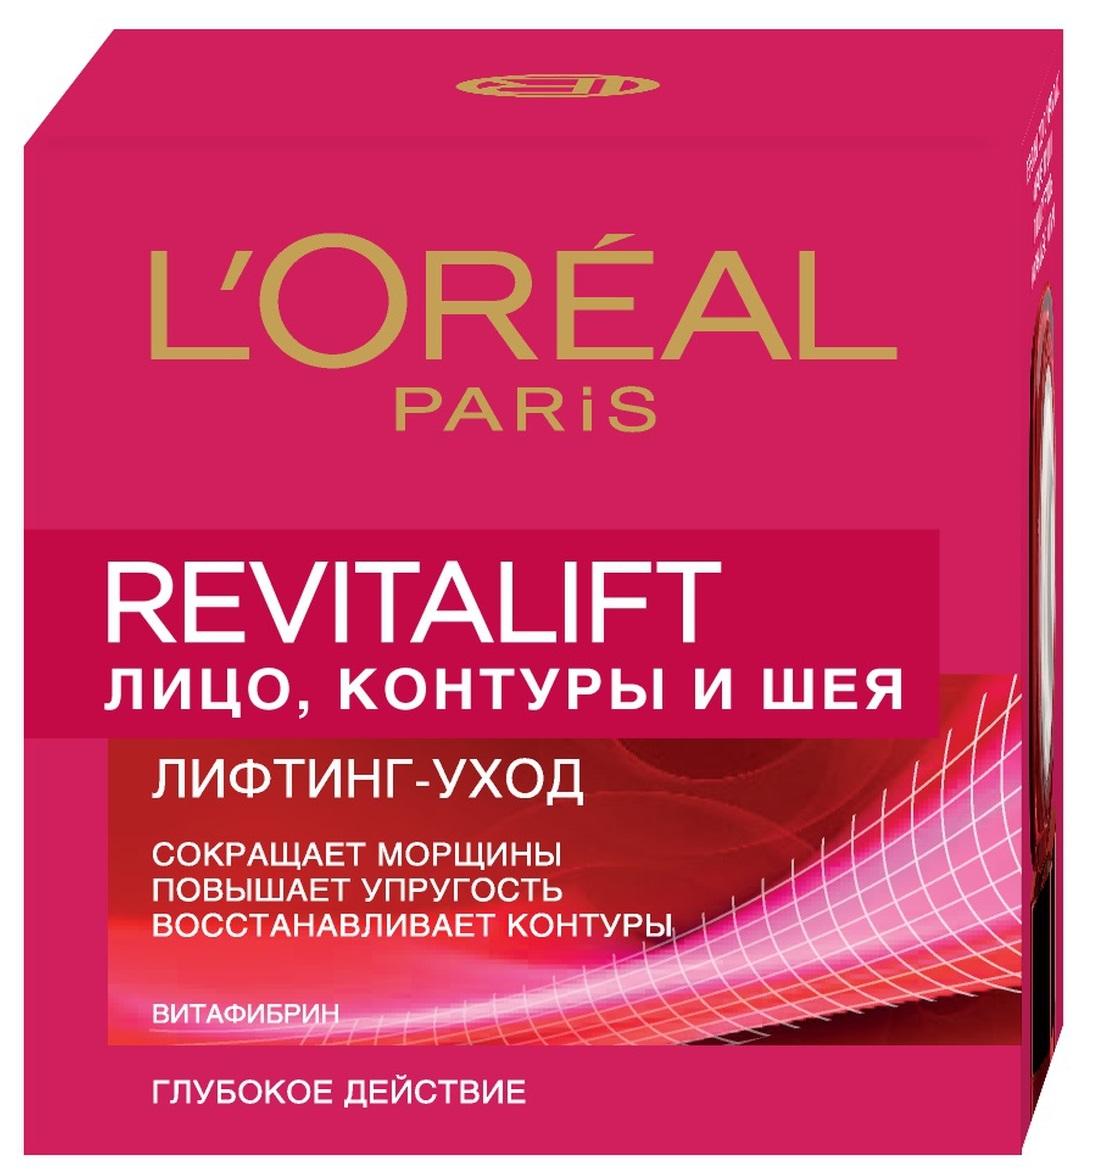 L'Oreal Paris Revitalift Антивозрастной крем против морщин для лица, контуров и шеи, 50 мл lipikar крем для лица